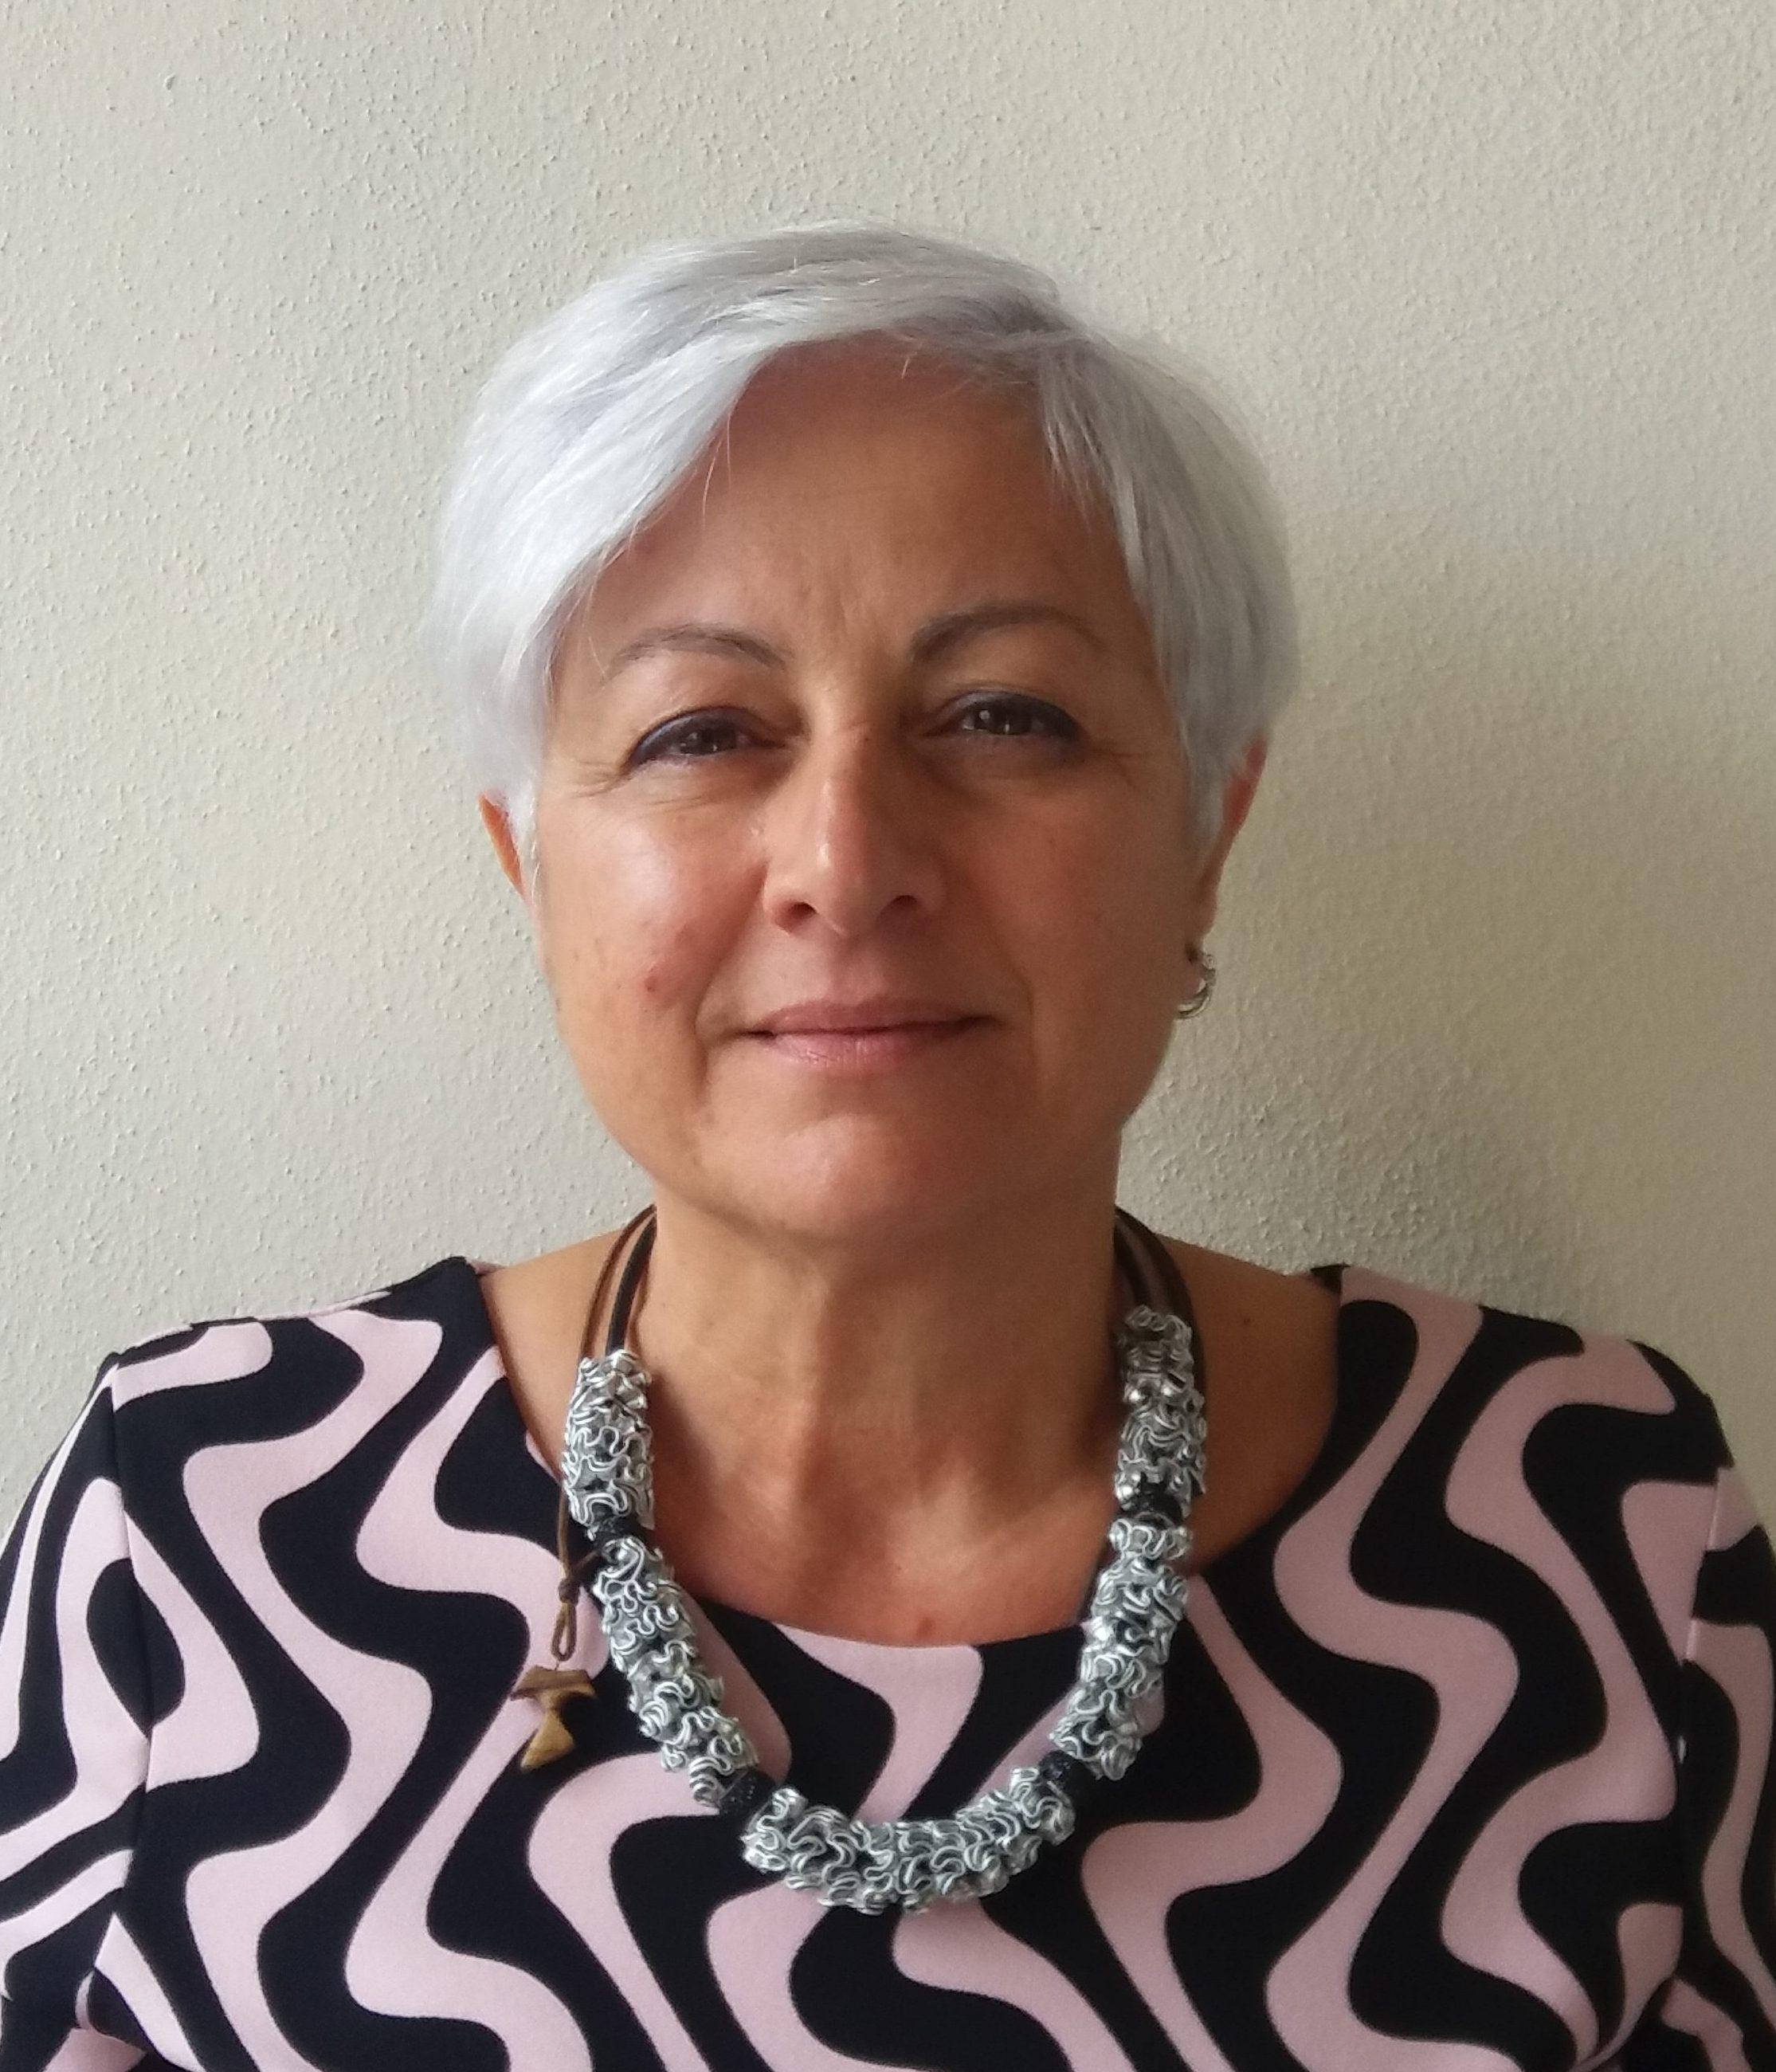 Una donna al vertice di Irecoop Emilia-Romagna: Morena Manni, nuovo Direttore Generale dell'Ente